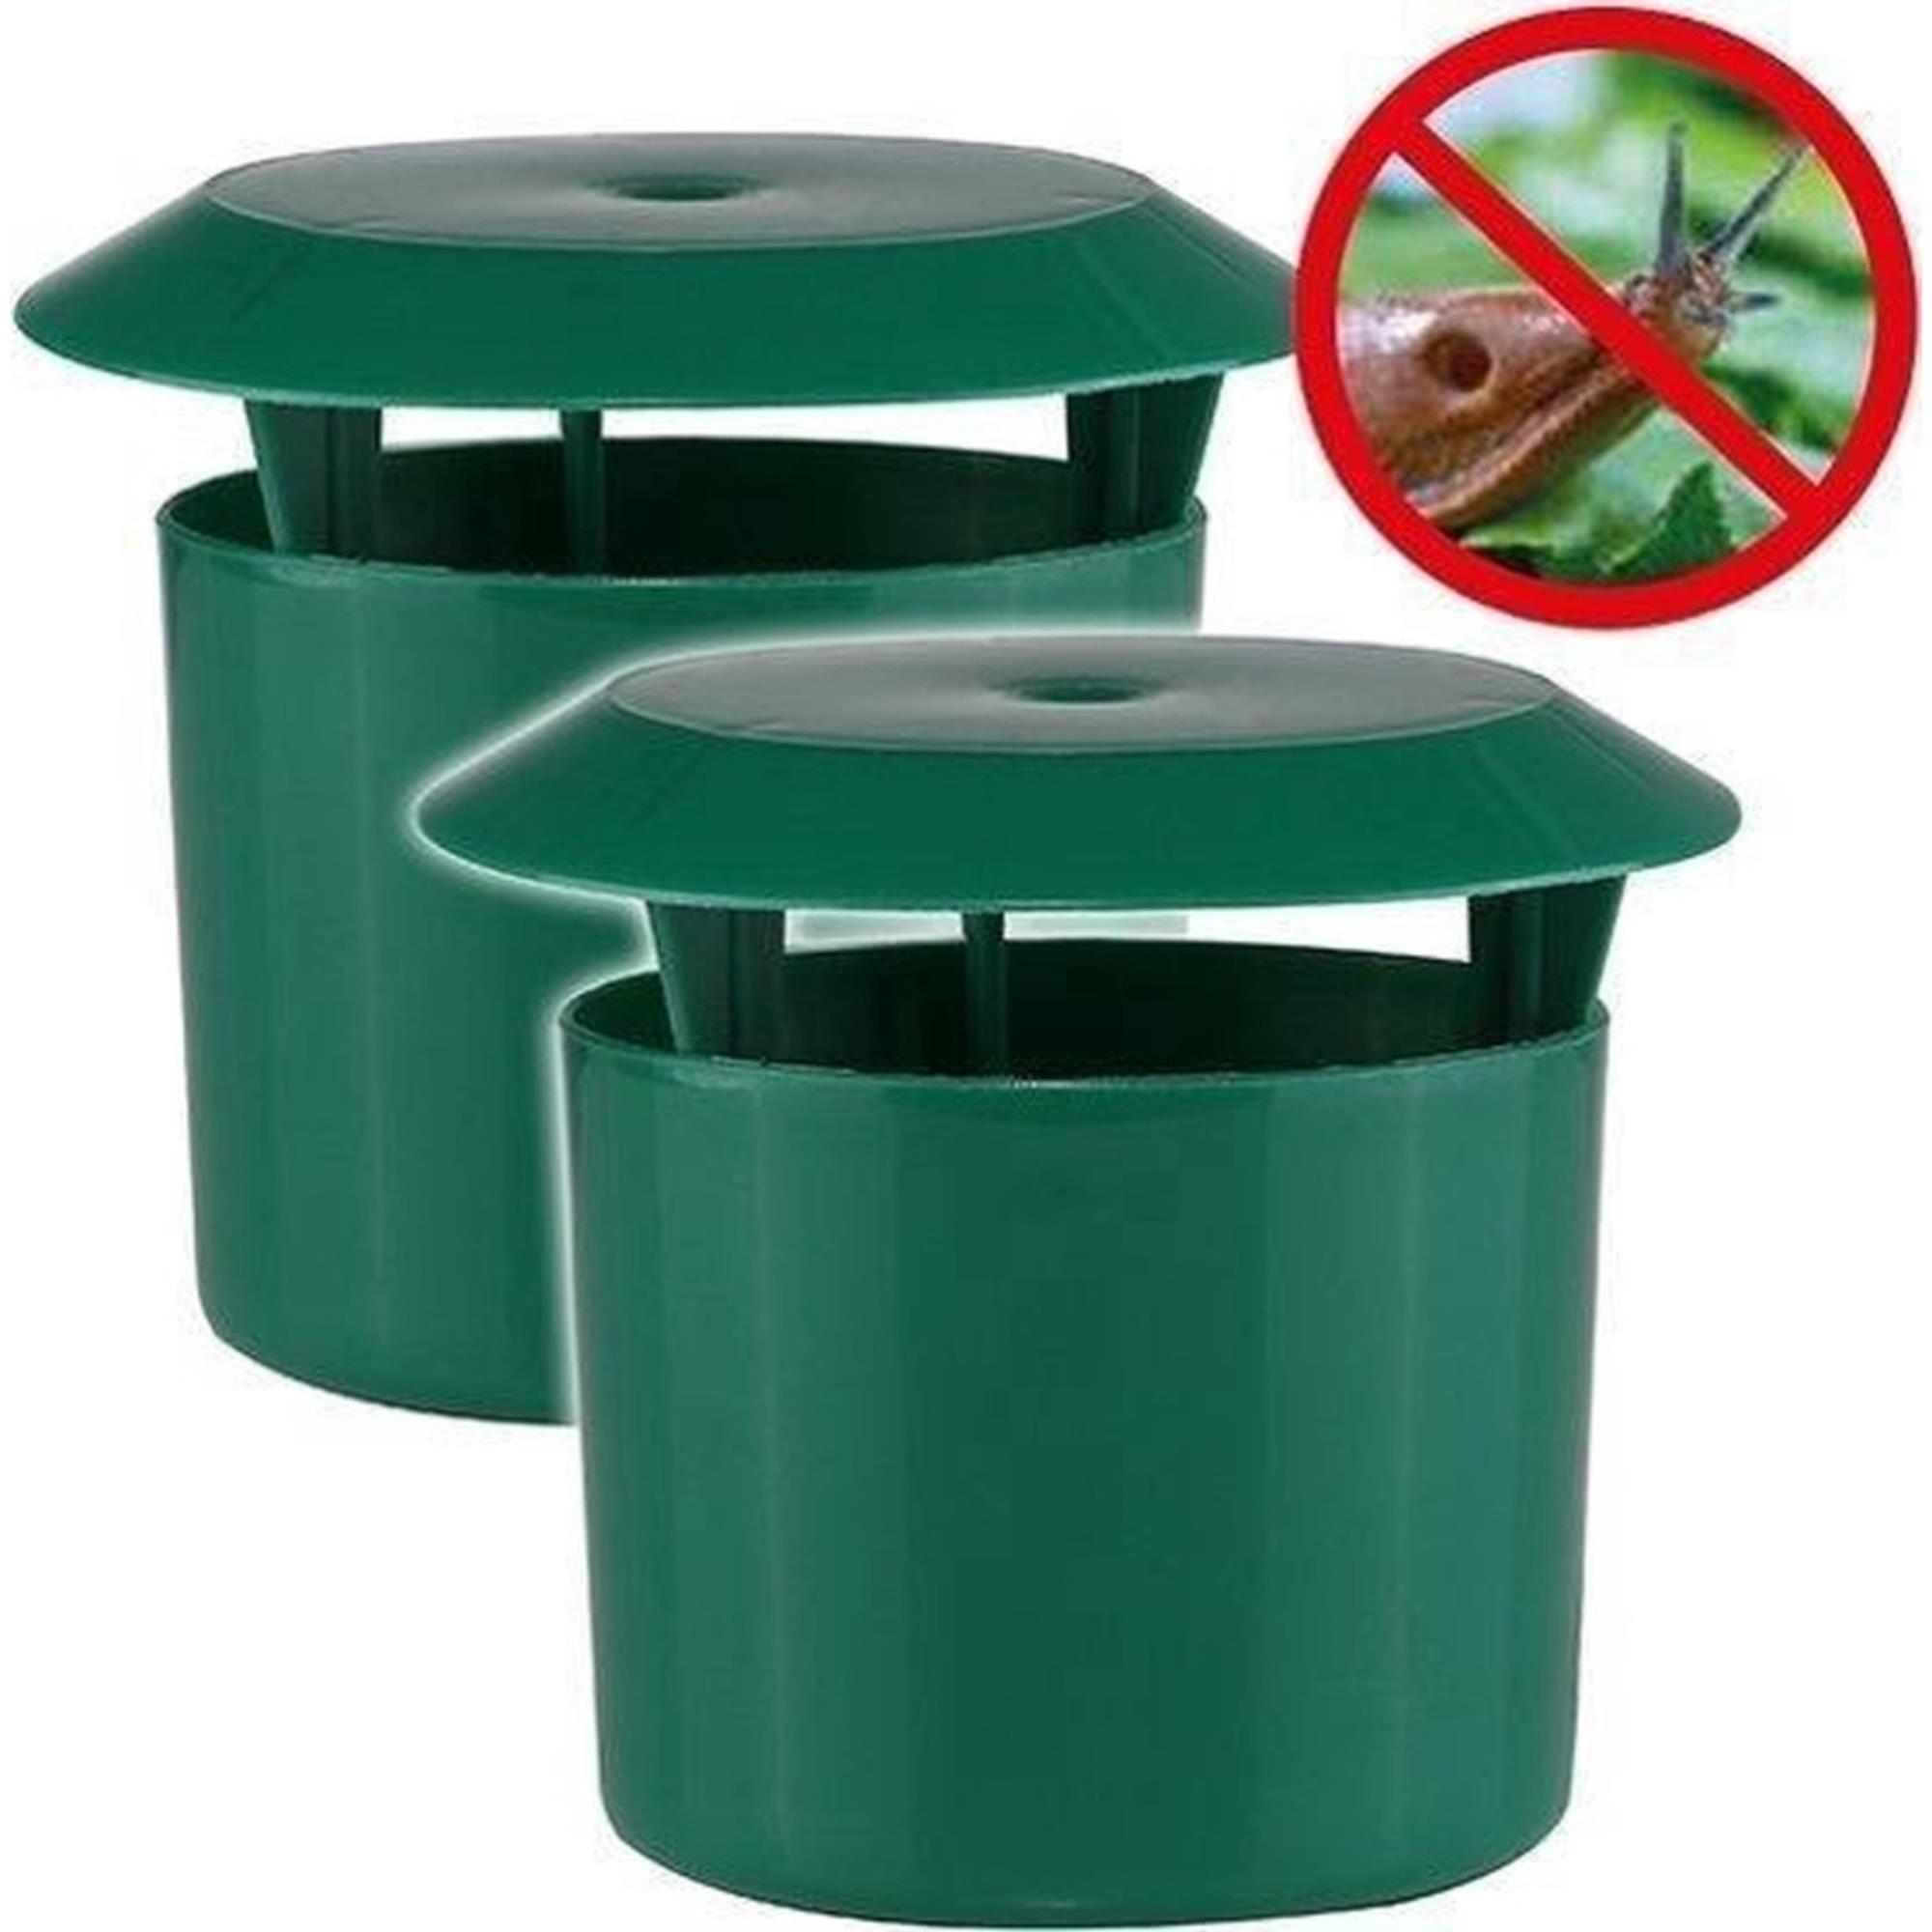 Benson Slakkenval - Slakkenvangpot - Groen - 2 stuks